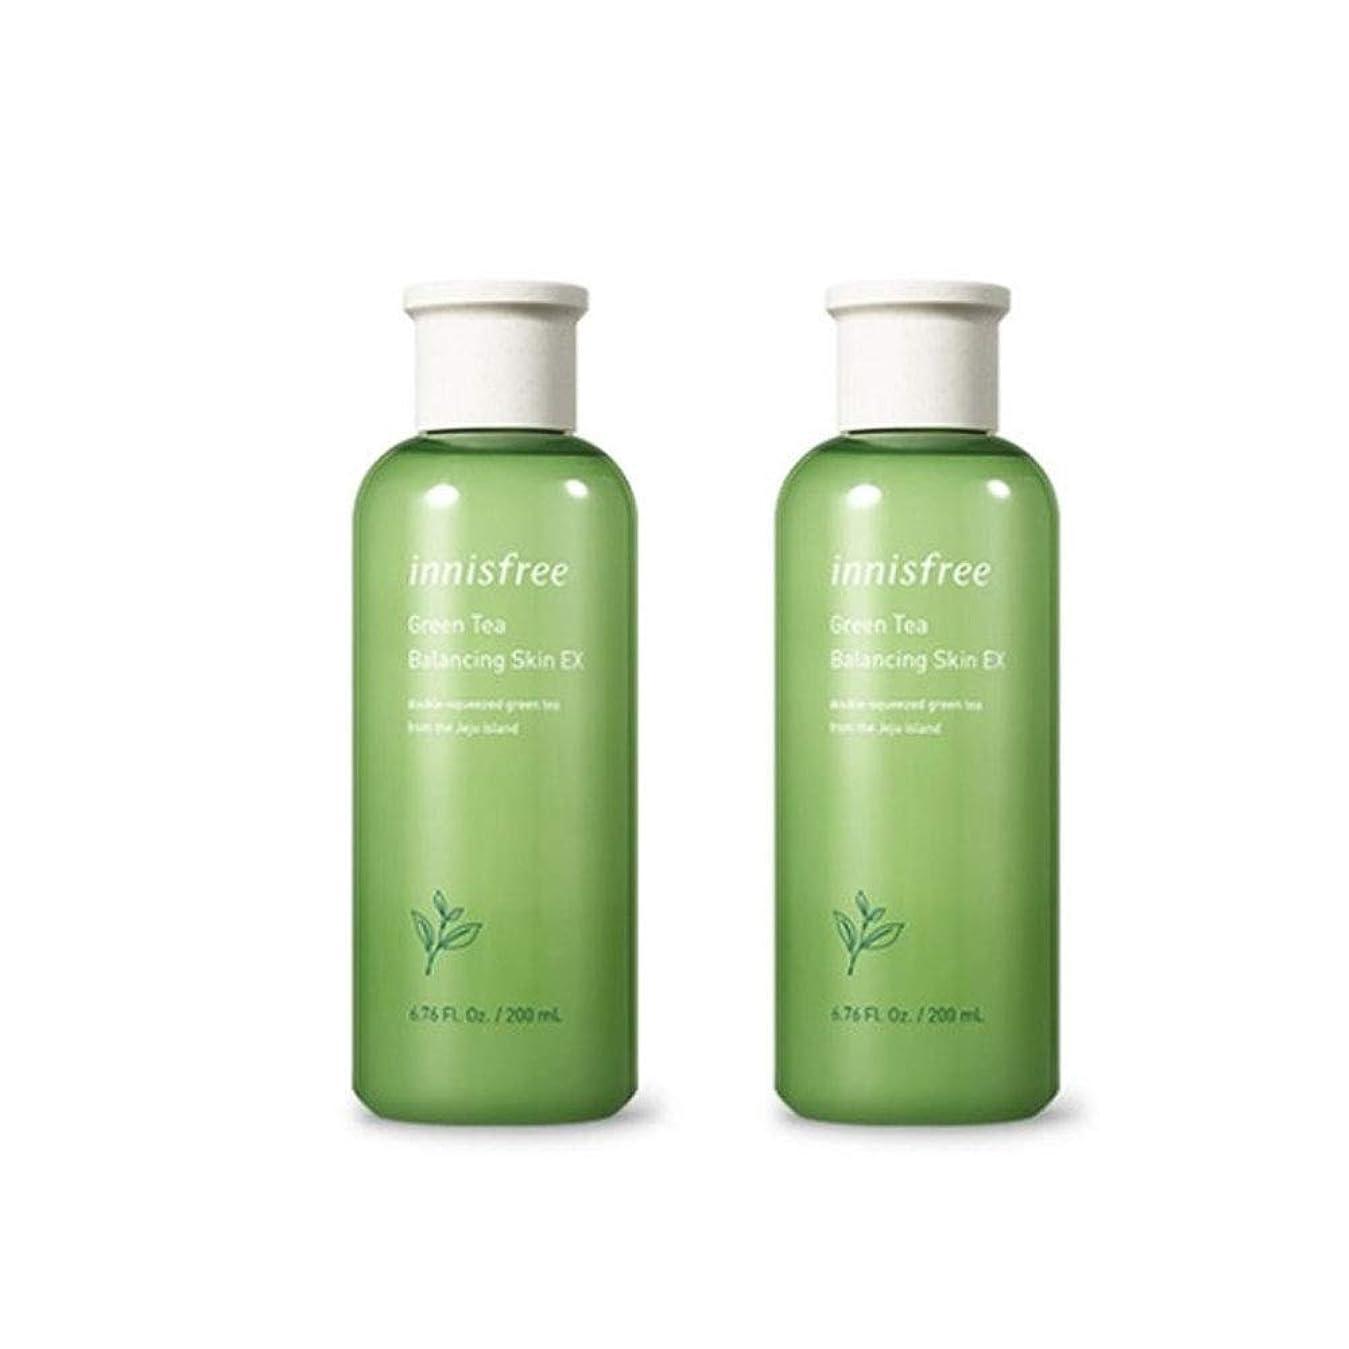 意外どれでもガソリンイニスフリーグリーンティーバランシングスキンEX 200mlx2本セット韓国コスメ、innisfree Green Tea Balancing Skin EX 200ml x 2ea Set Korean Cosmetics [並行輸入品]